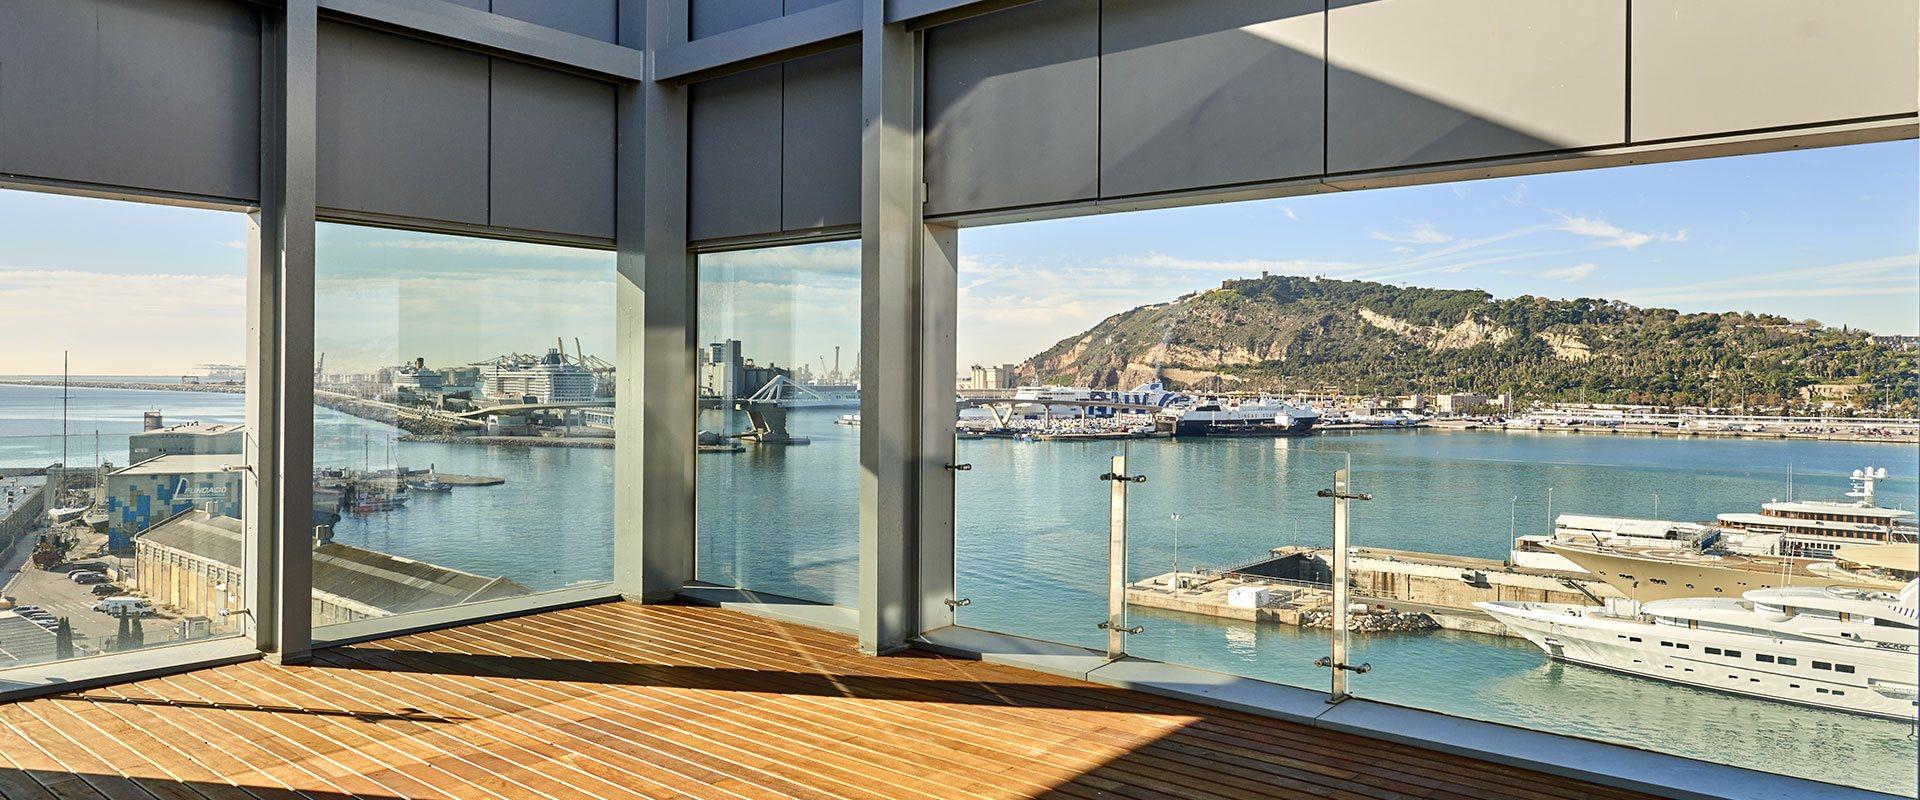 Vistas al puerto de barcelona desde las oficinas